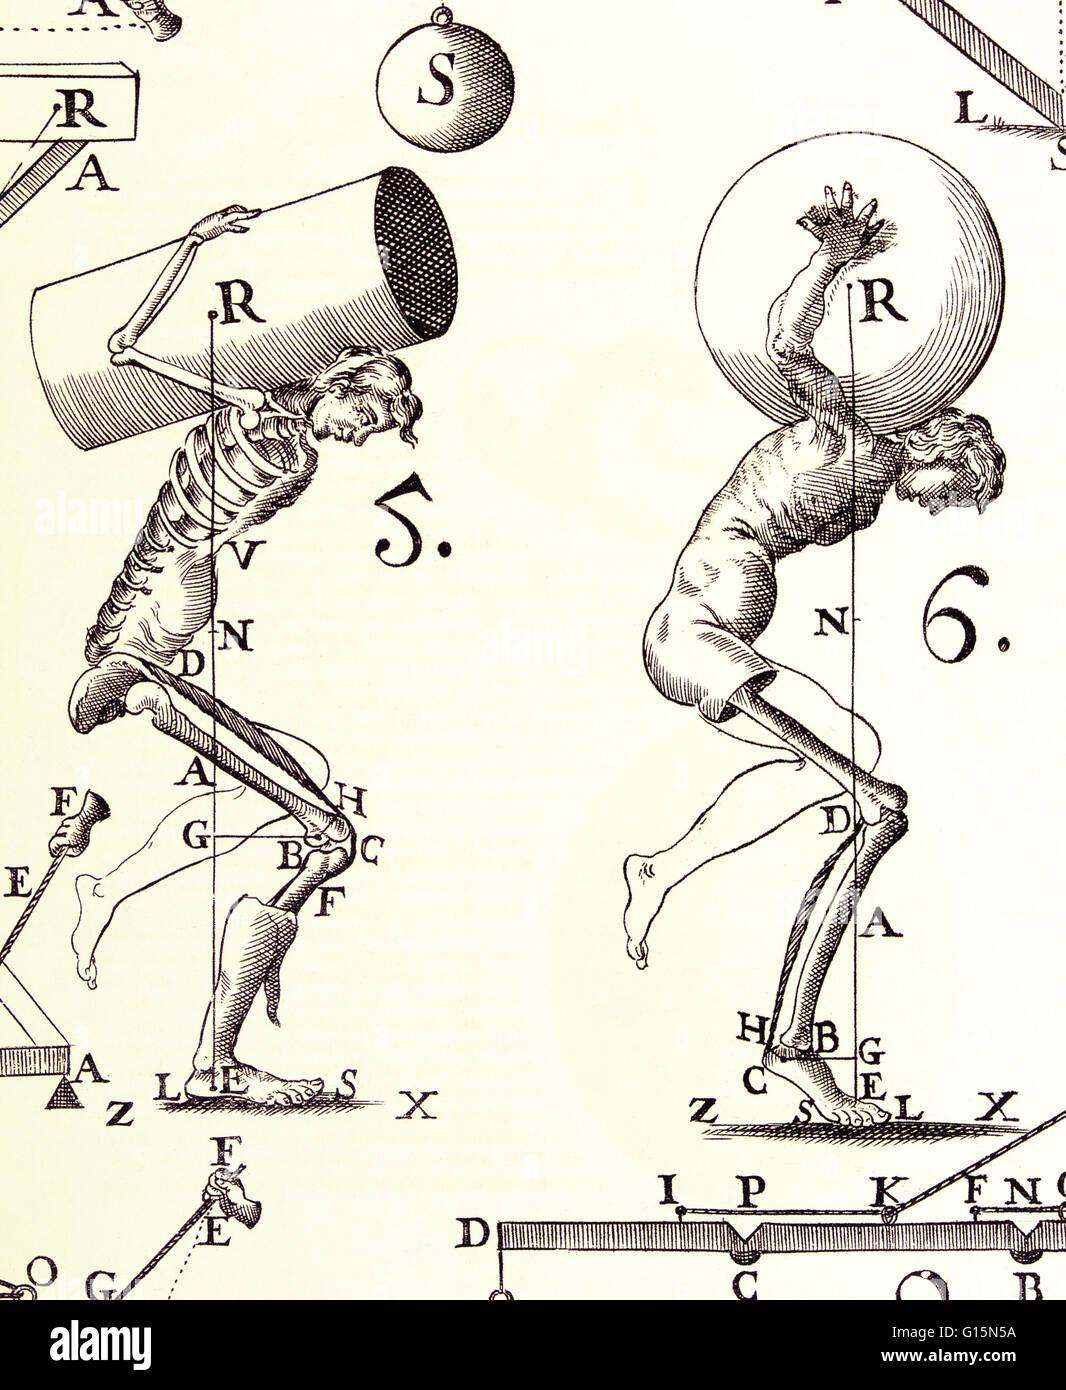 Niedlich Hebel Im Menschlichen Körper Bilder - Menschliche Anatomie ...